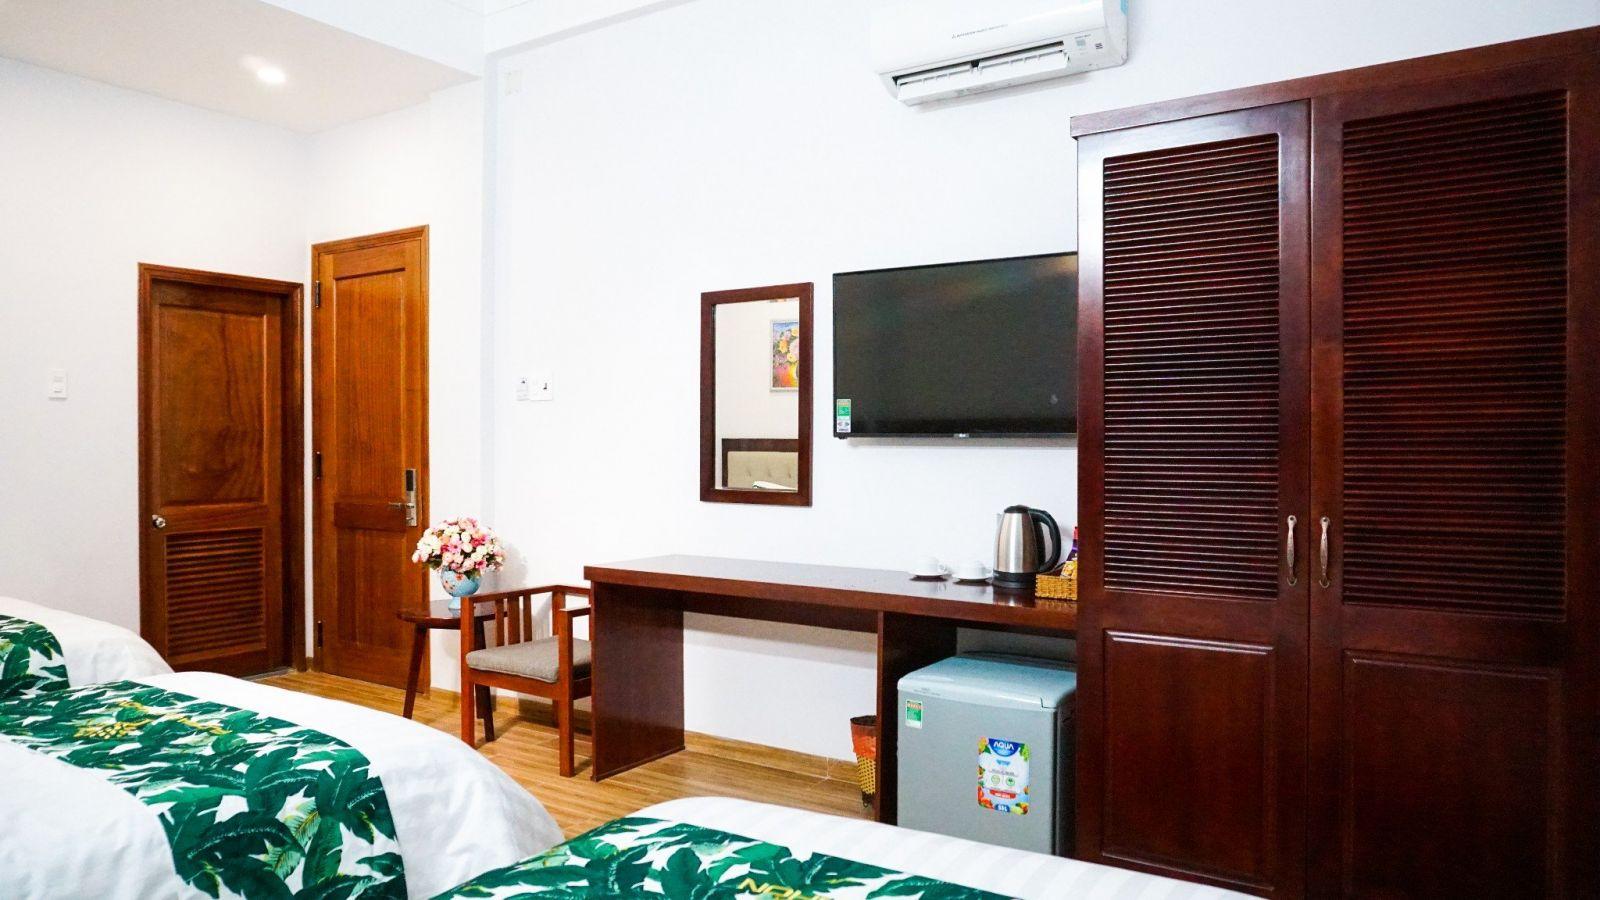 Khách sạn Golden Bay Đà Nẵng có phòng tắm view cực đã